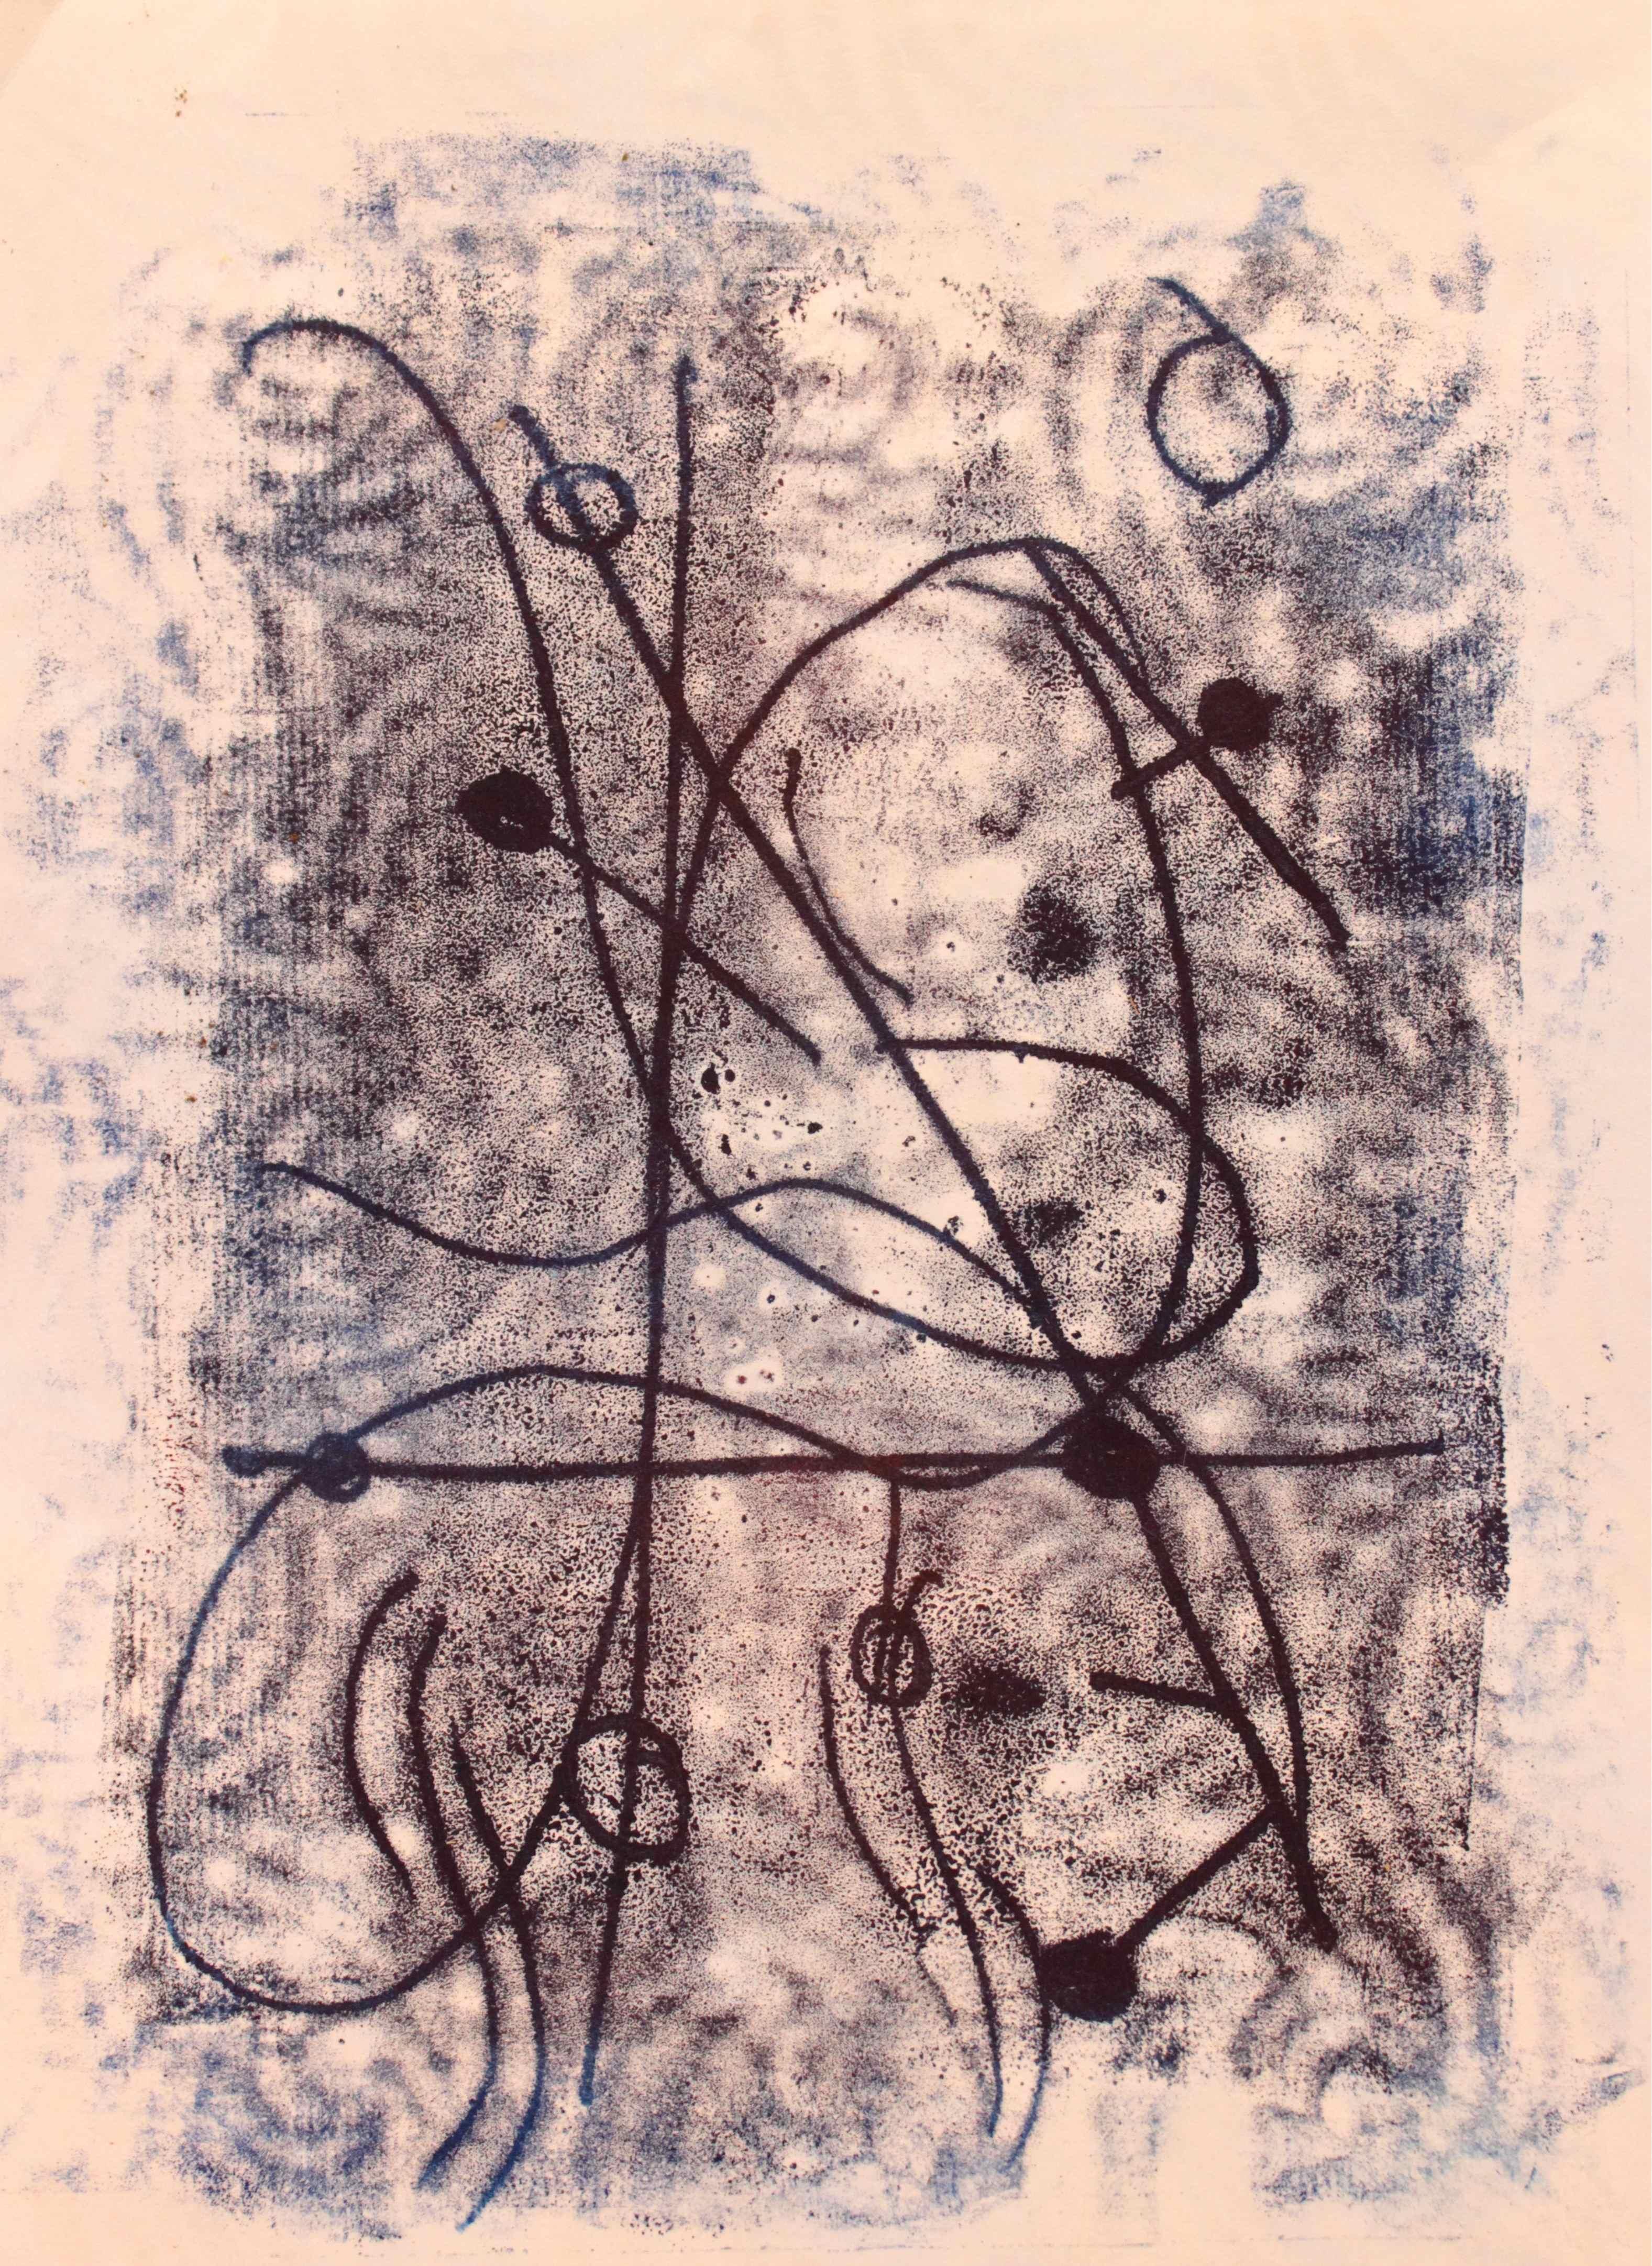 Klee Inspired student work, debiriley.com